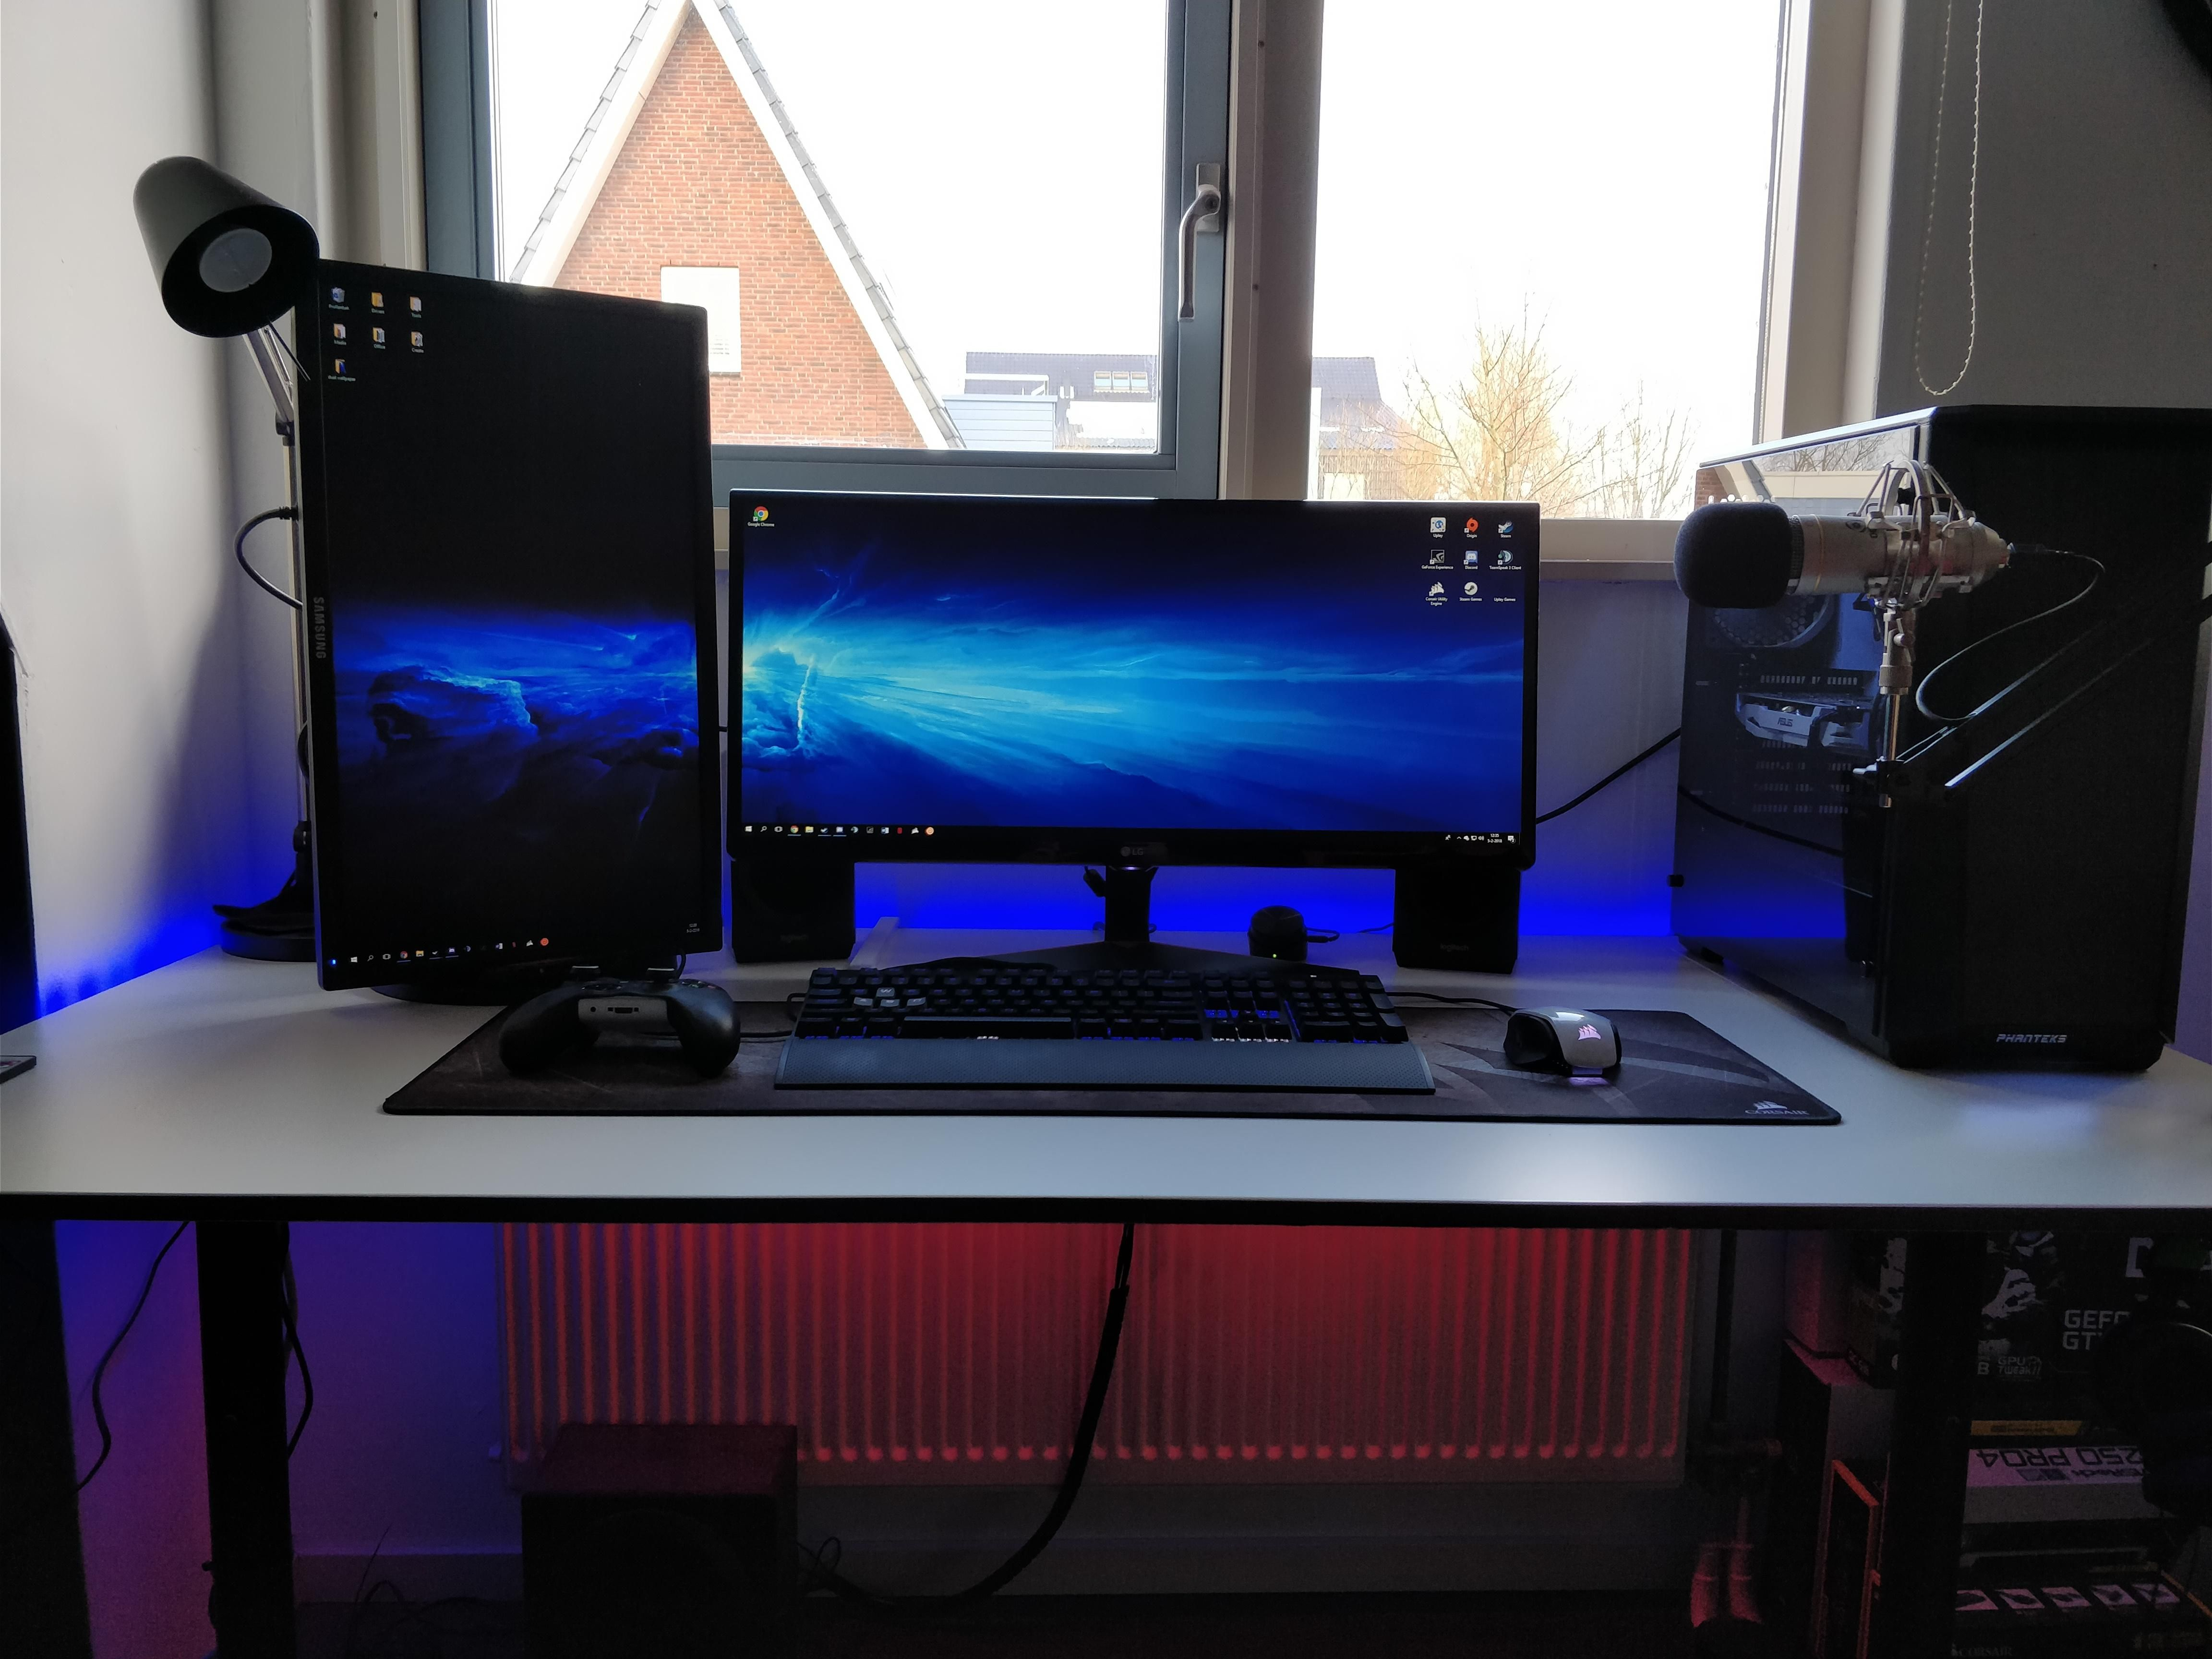 http//ift.tt/2nRZzK1 Battlestation. Battlestation